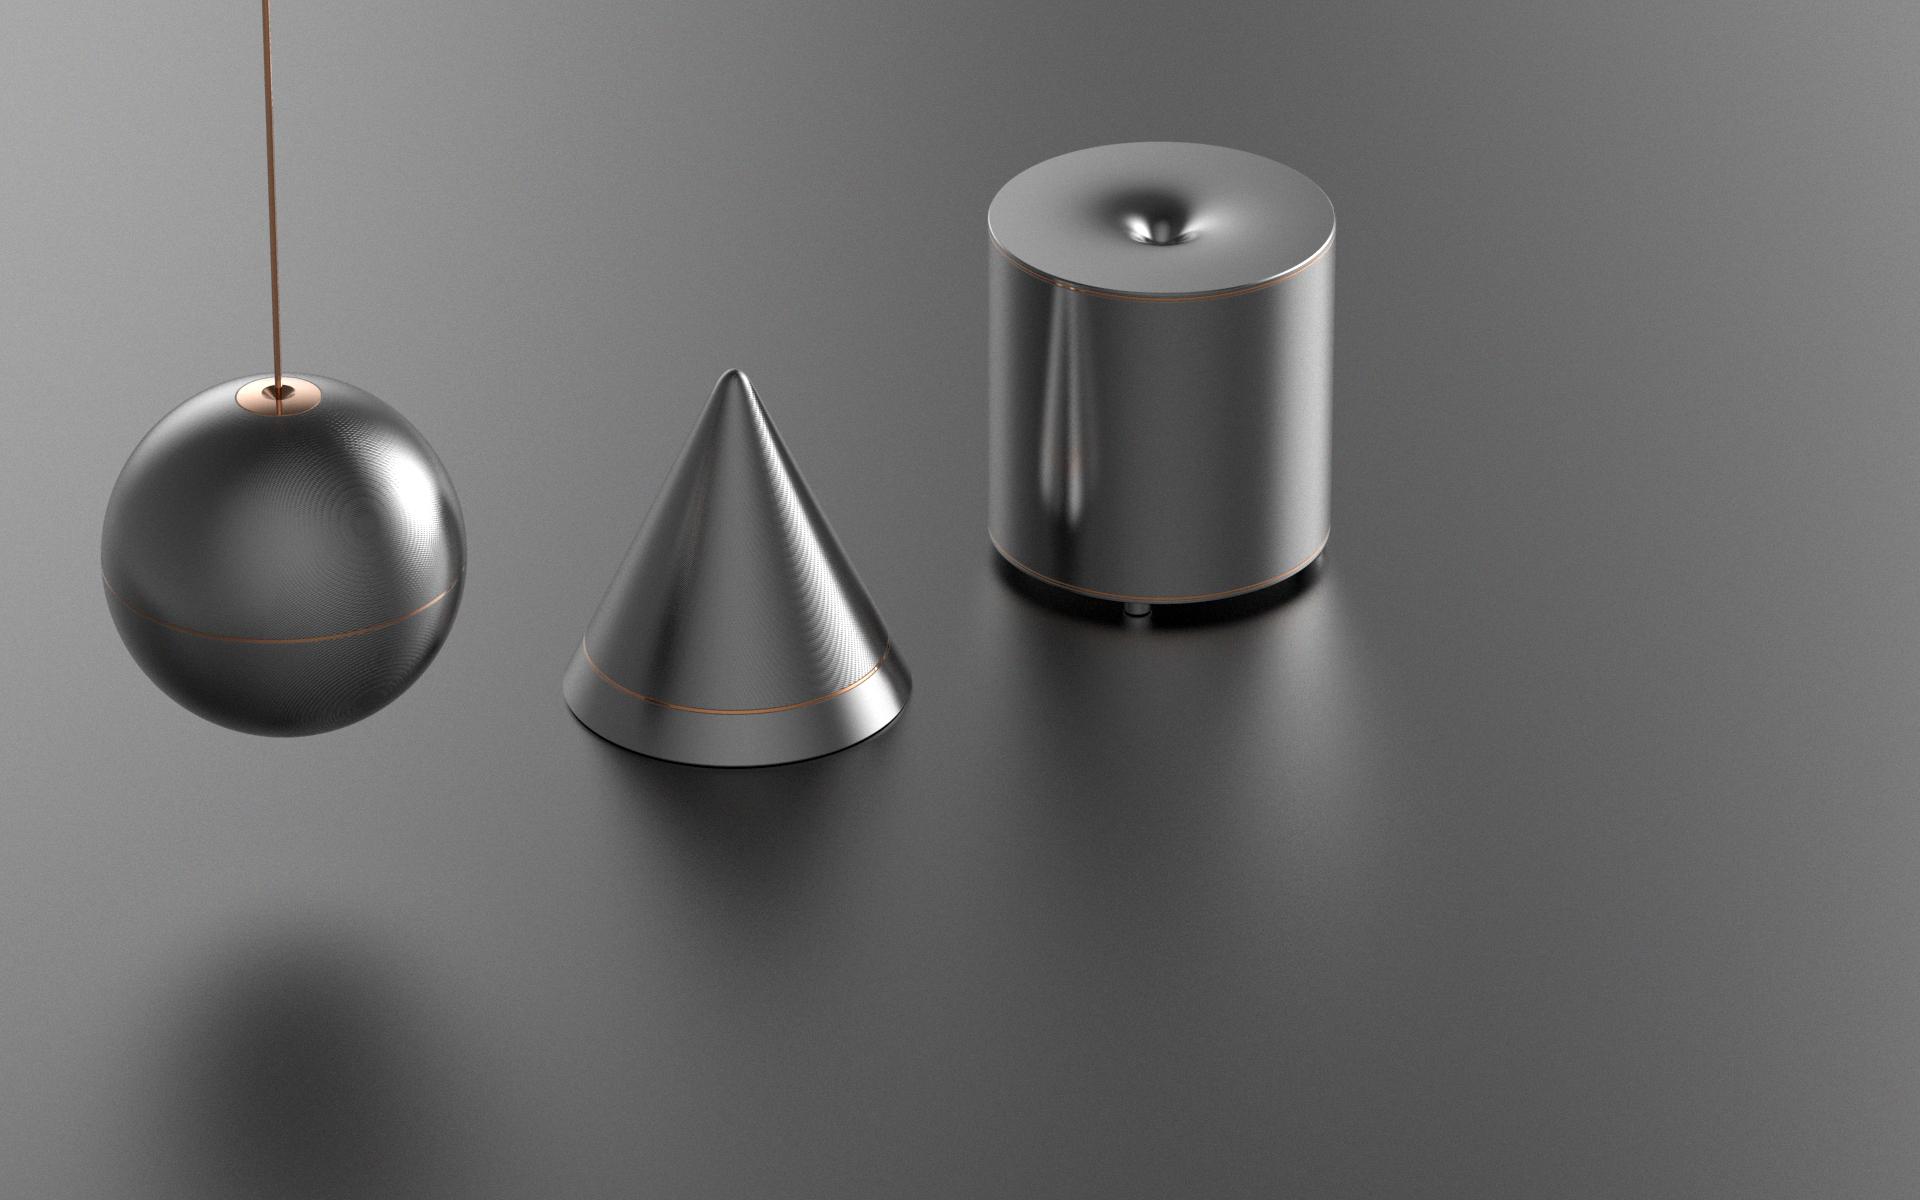 12_shape_speaker_01.jpg